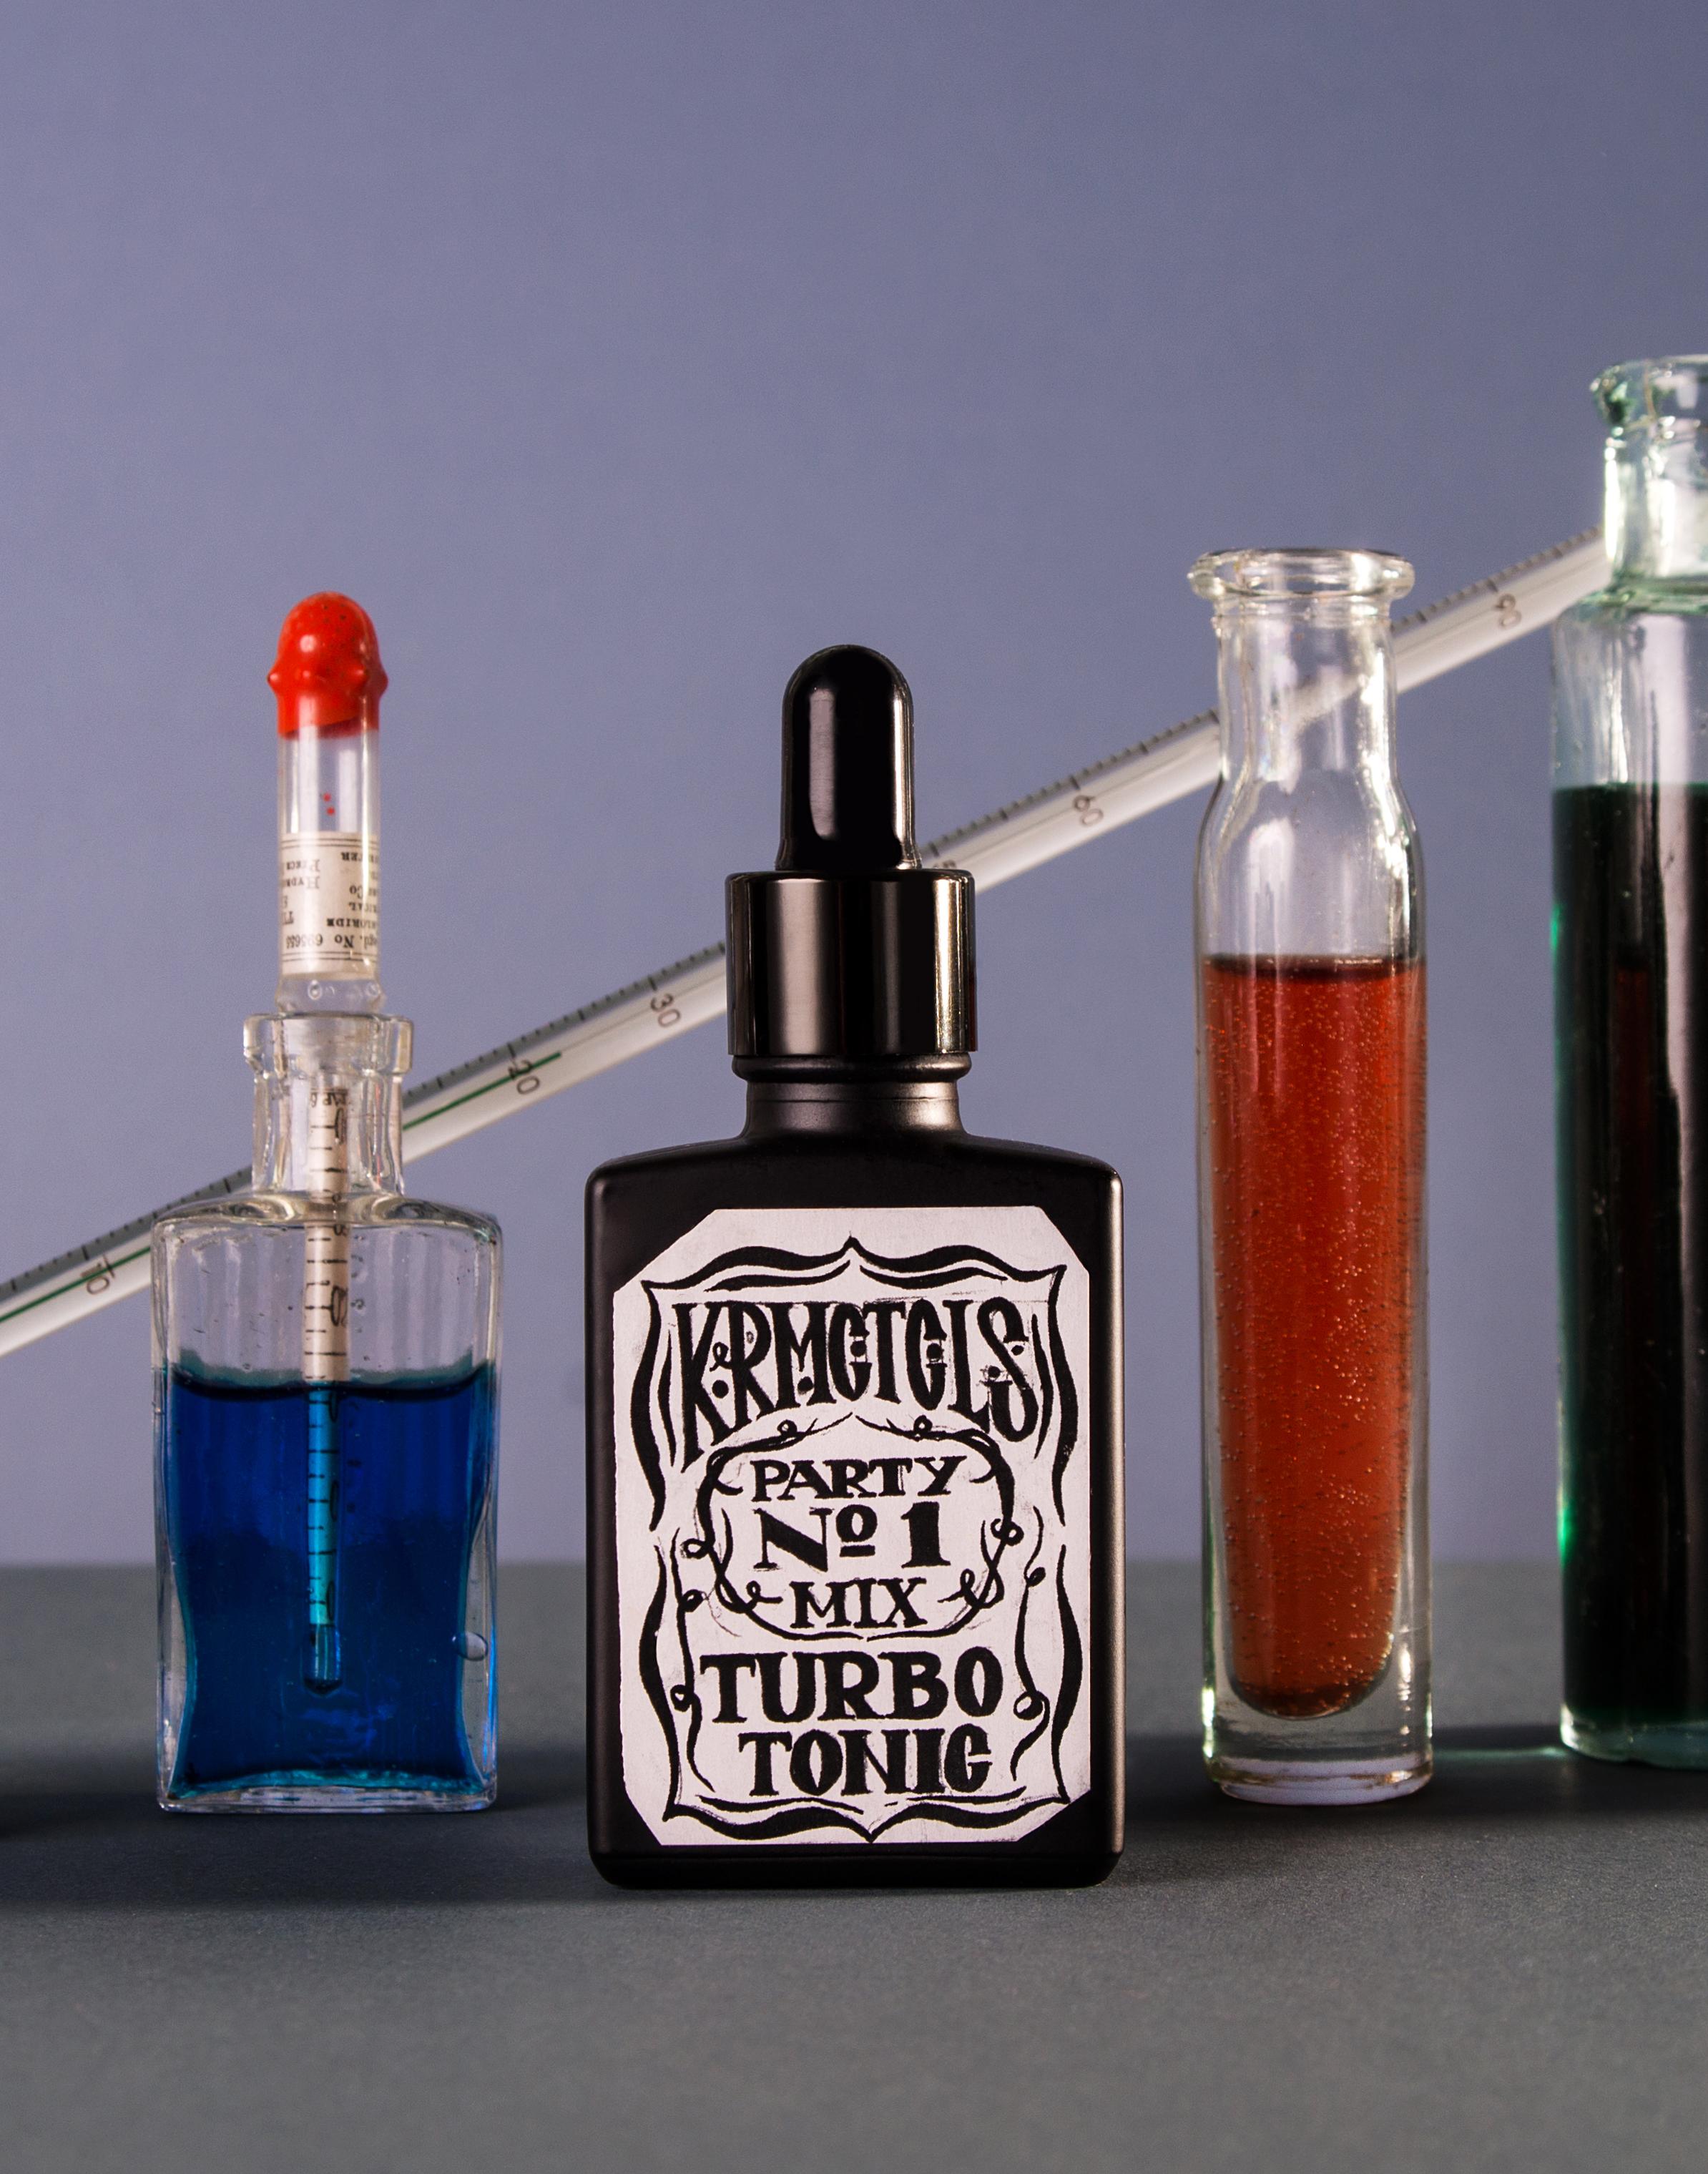 Karmaceuticals008.jpg